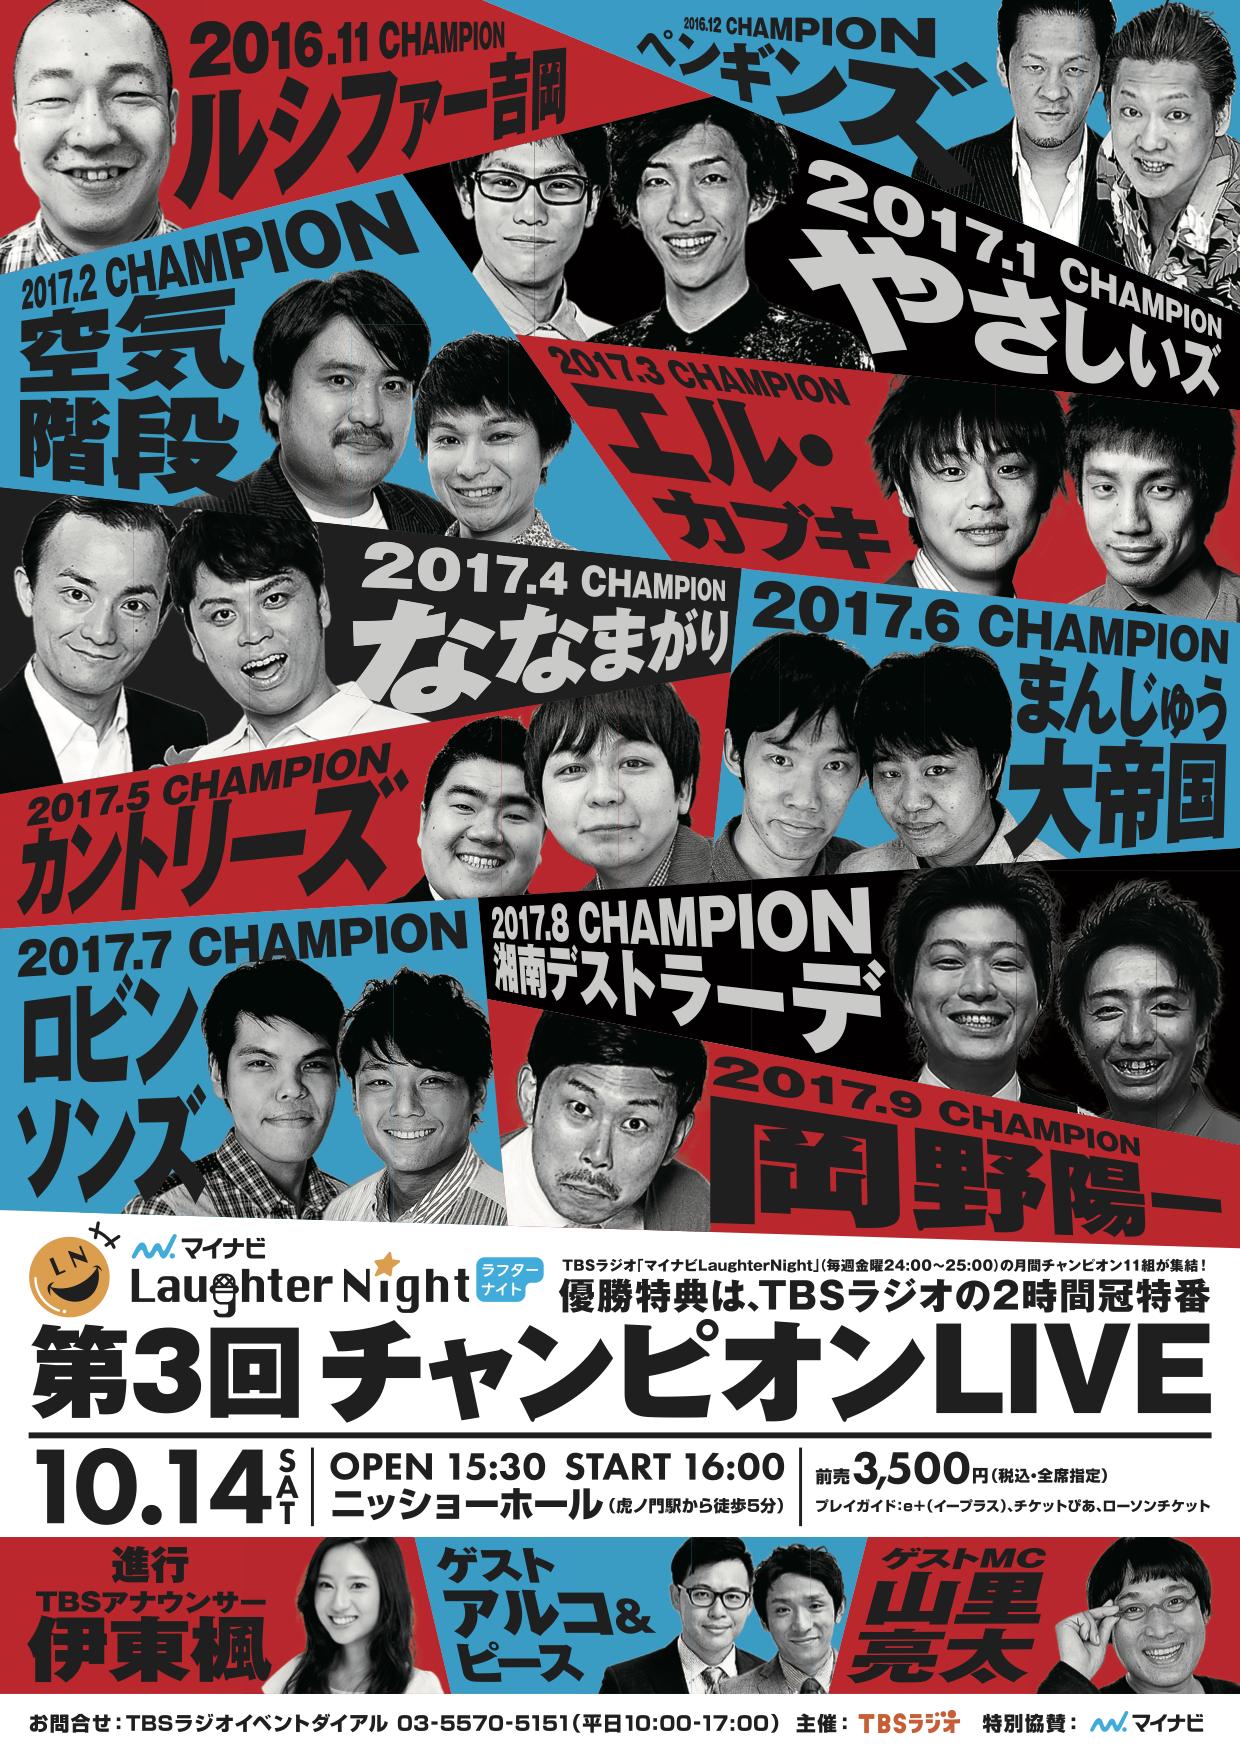 マイナビ Laughter Night ~第3回チャンピオンLIVE~